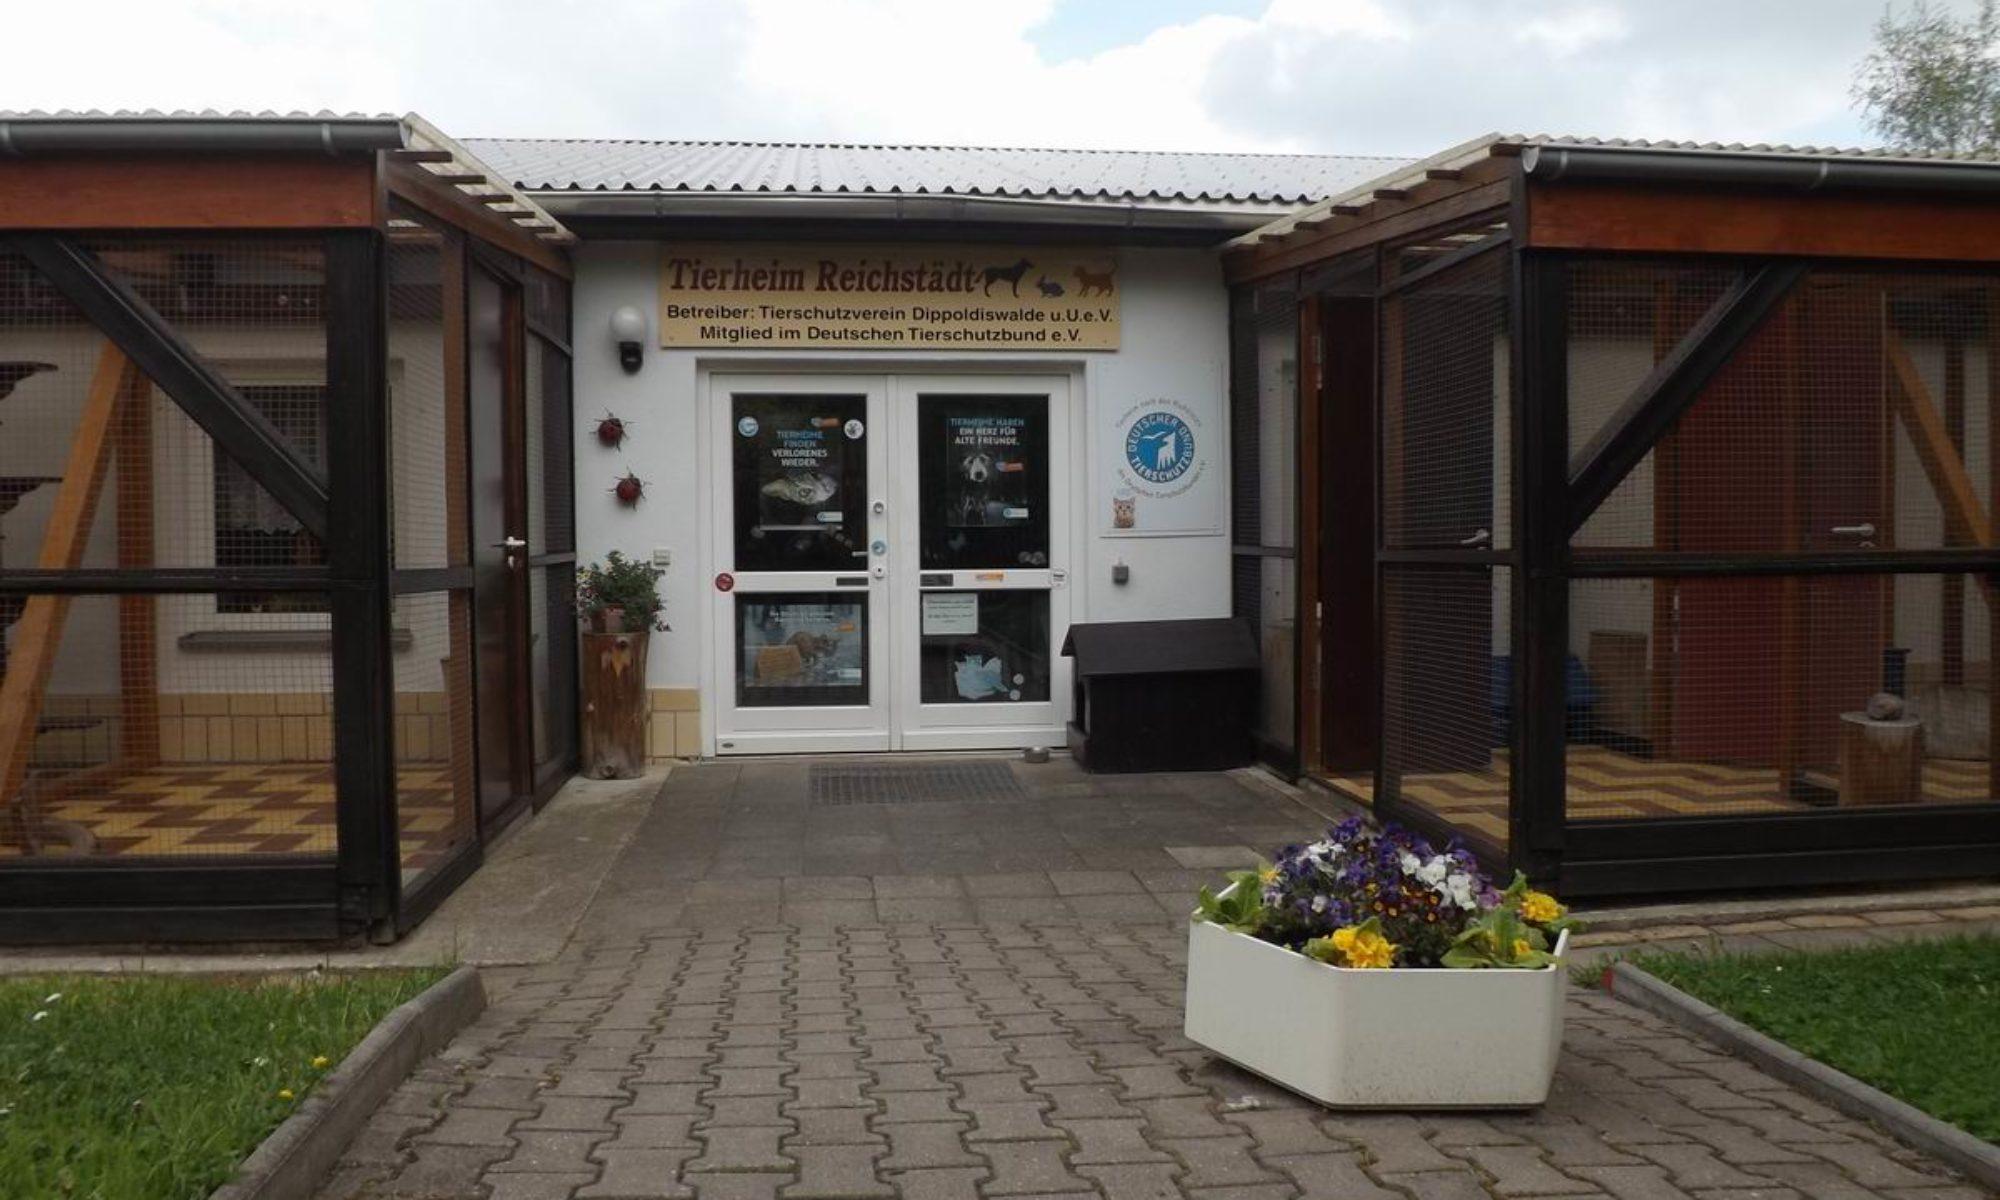 Tierschutzverein Dippoldiswalde u.U. e.V. Tierheim Reichstädt